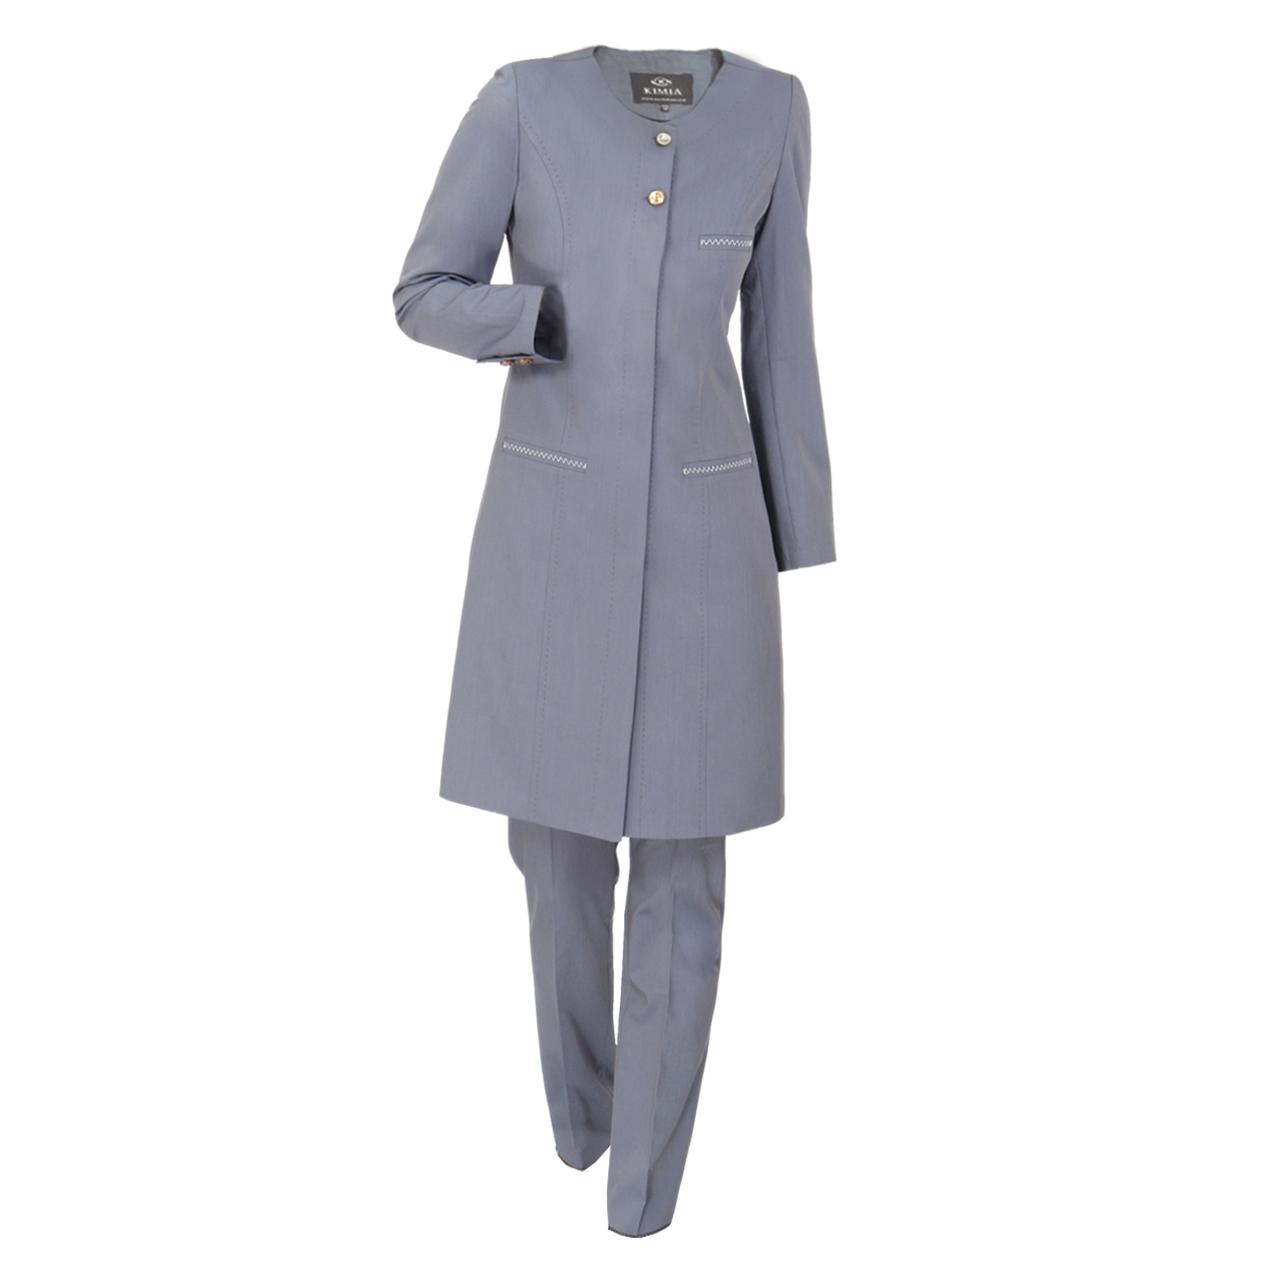 مشخصات، قیمت و خرید مانتو شلوار اداری زنانه مدل 1069   دیجیکالا